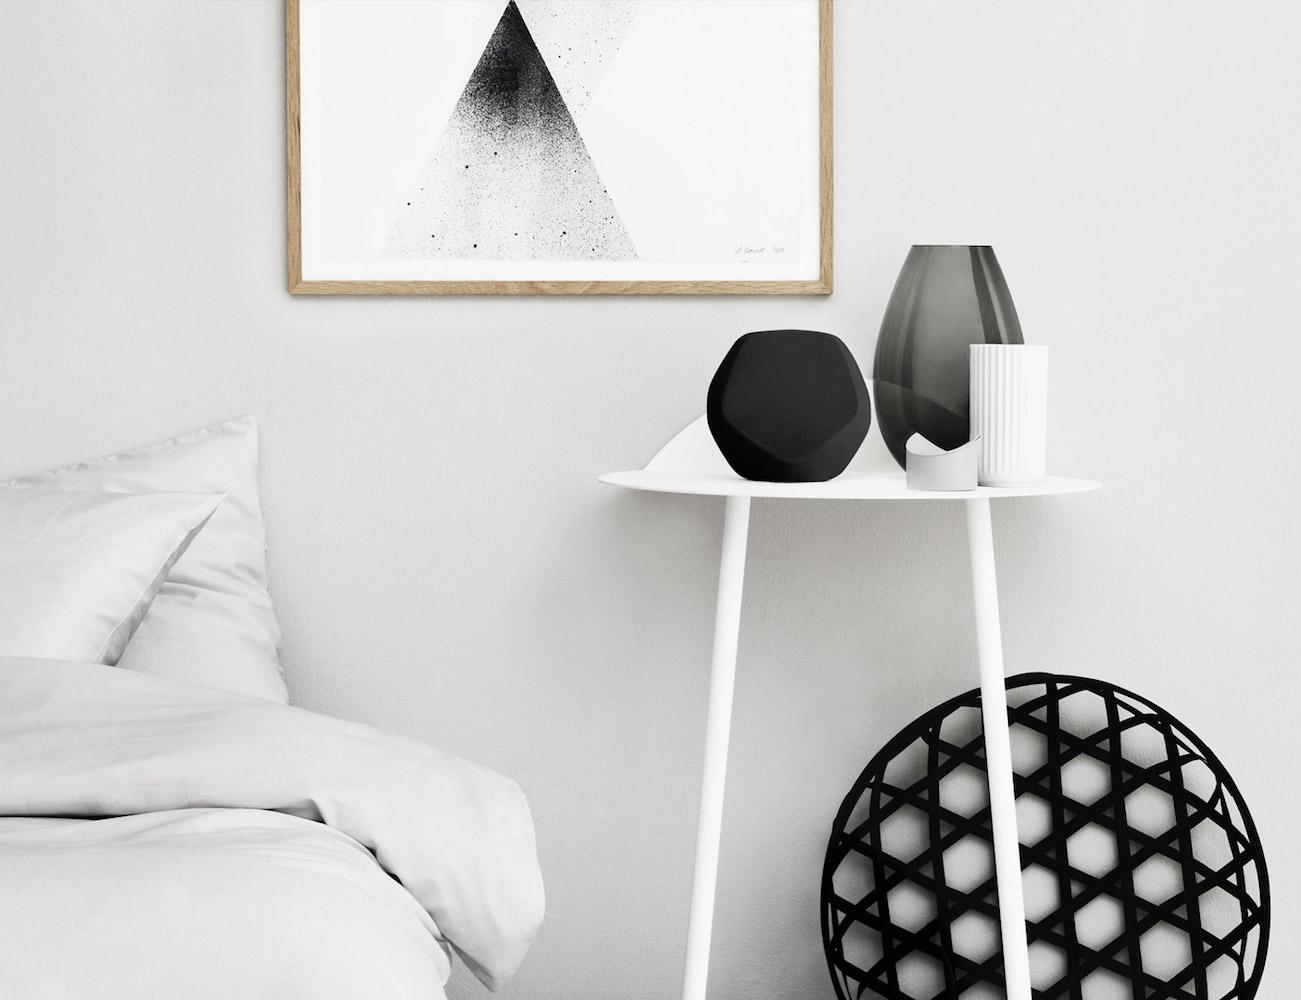 Bang & Olufsen S3 Flexible Wireless Home Speaker